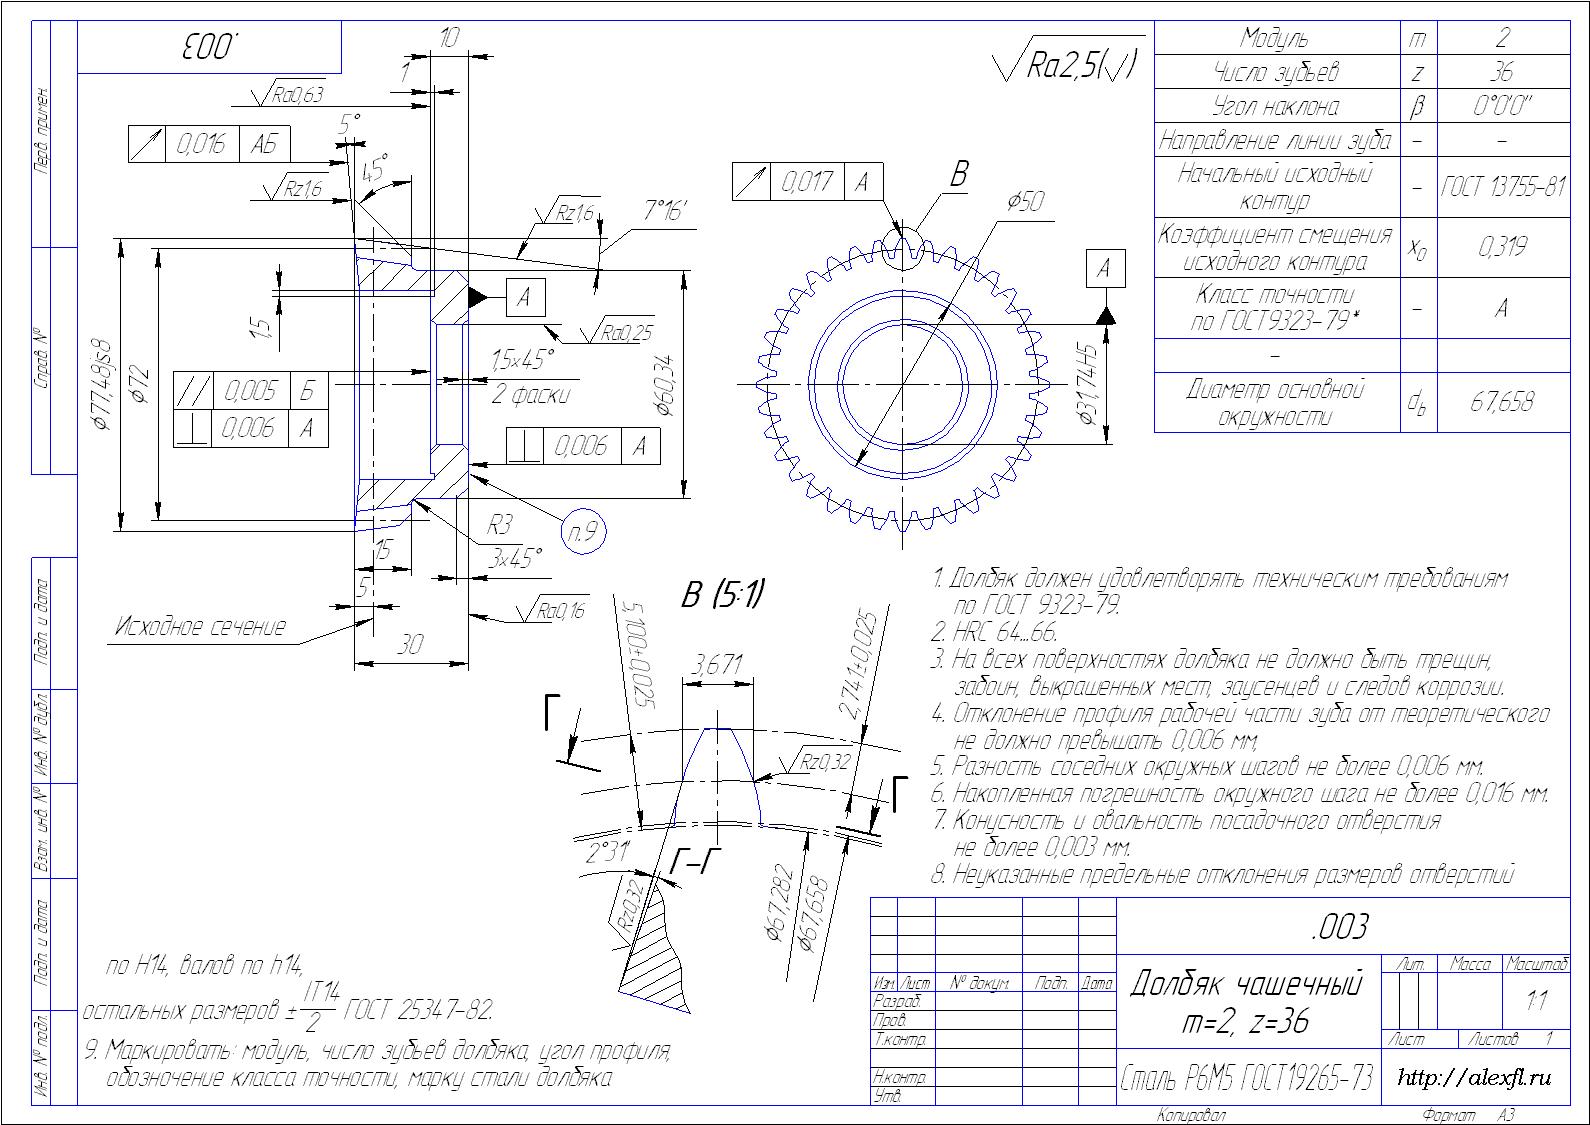 Шнек чертеж